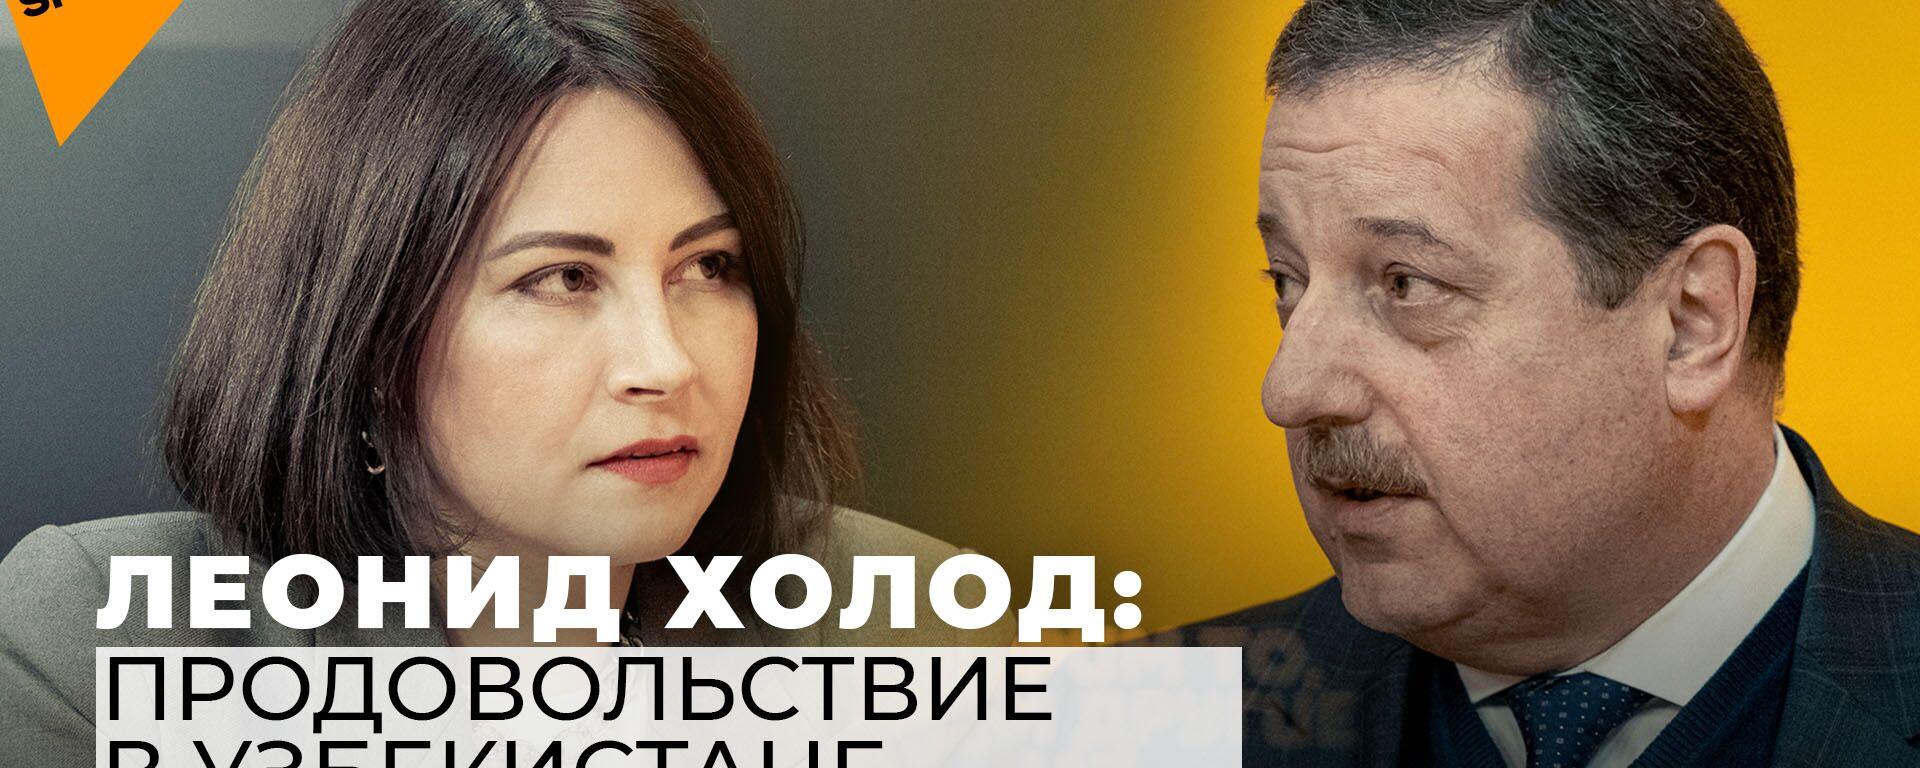 Интервью с Леонидом Холодом - Sputnik Узбекистан, 1920, 29.04.2021